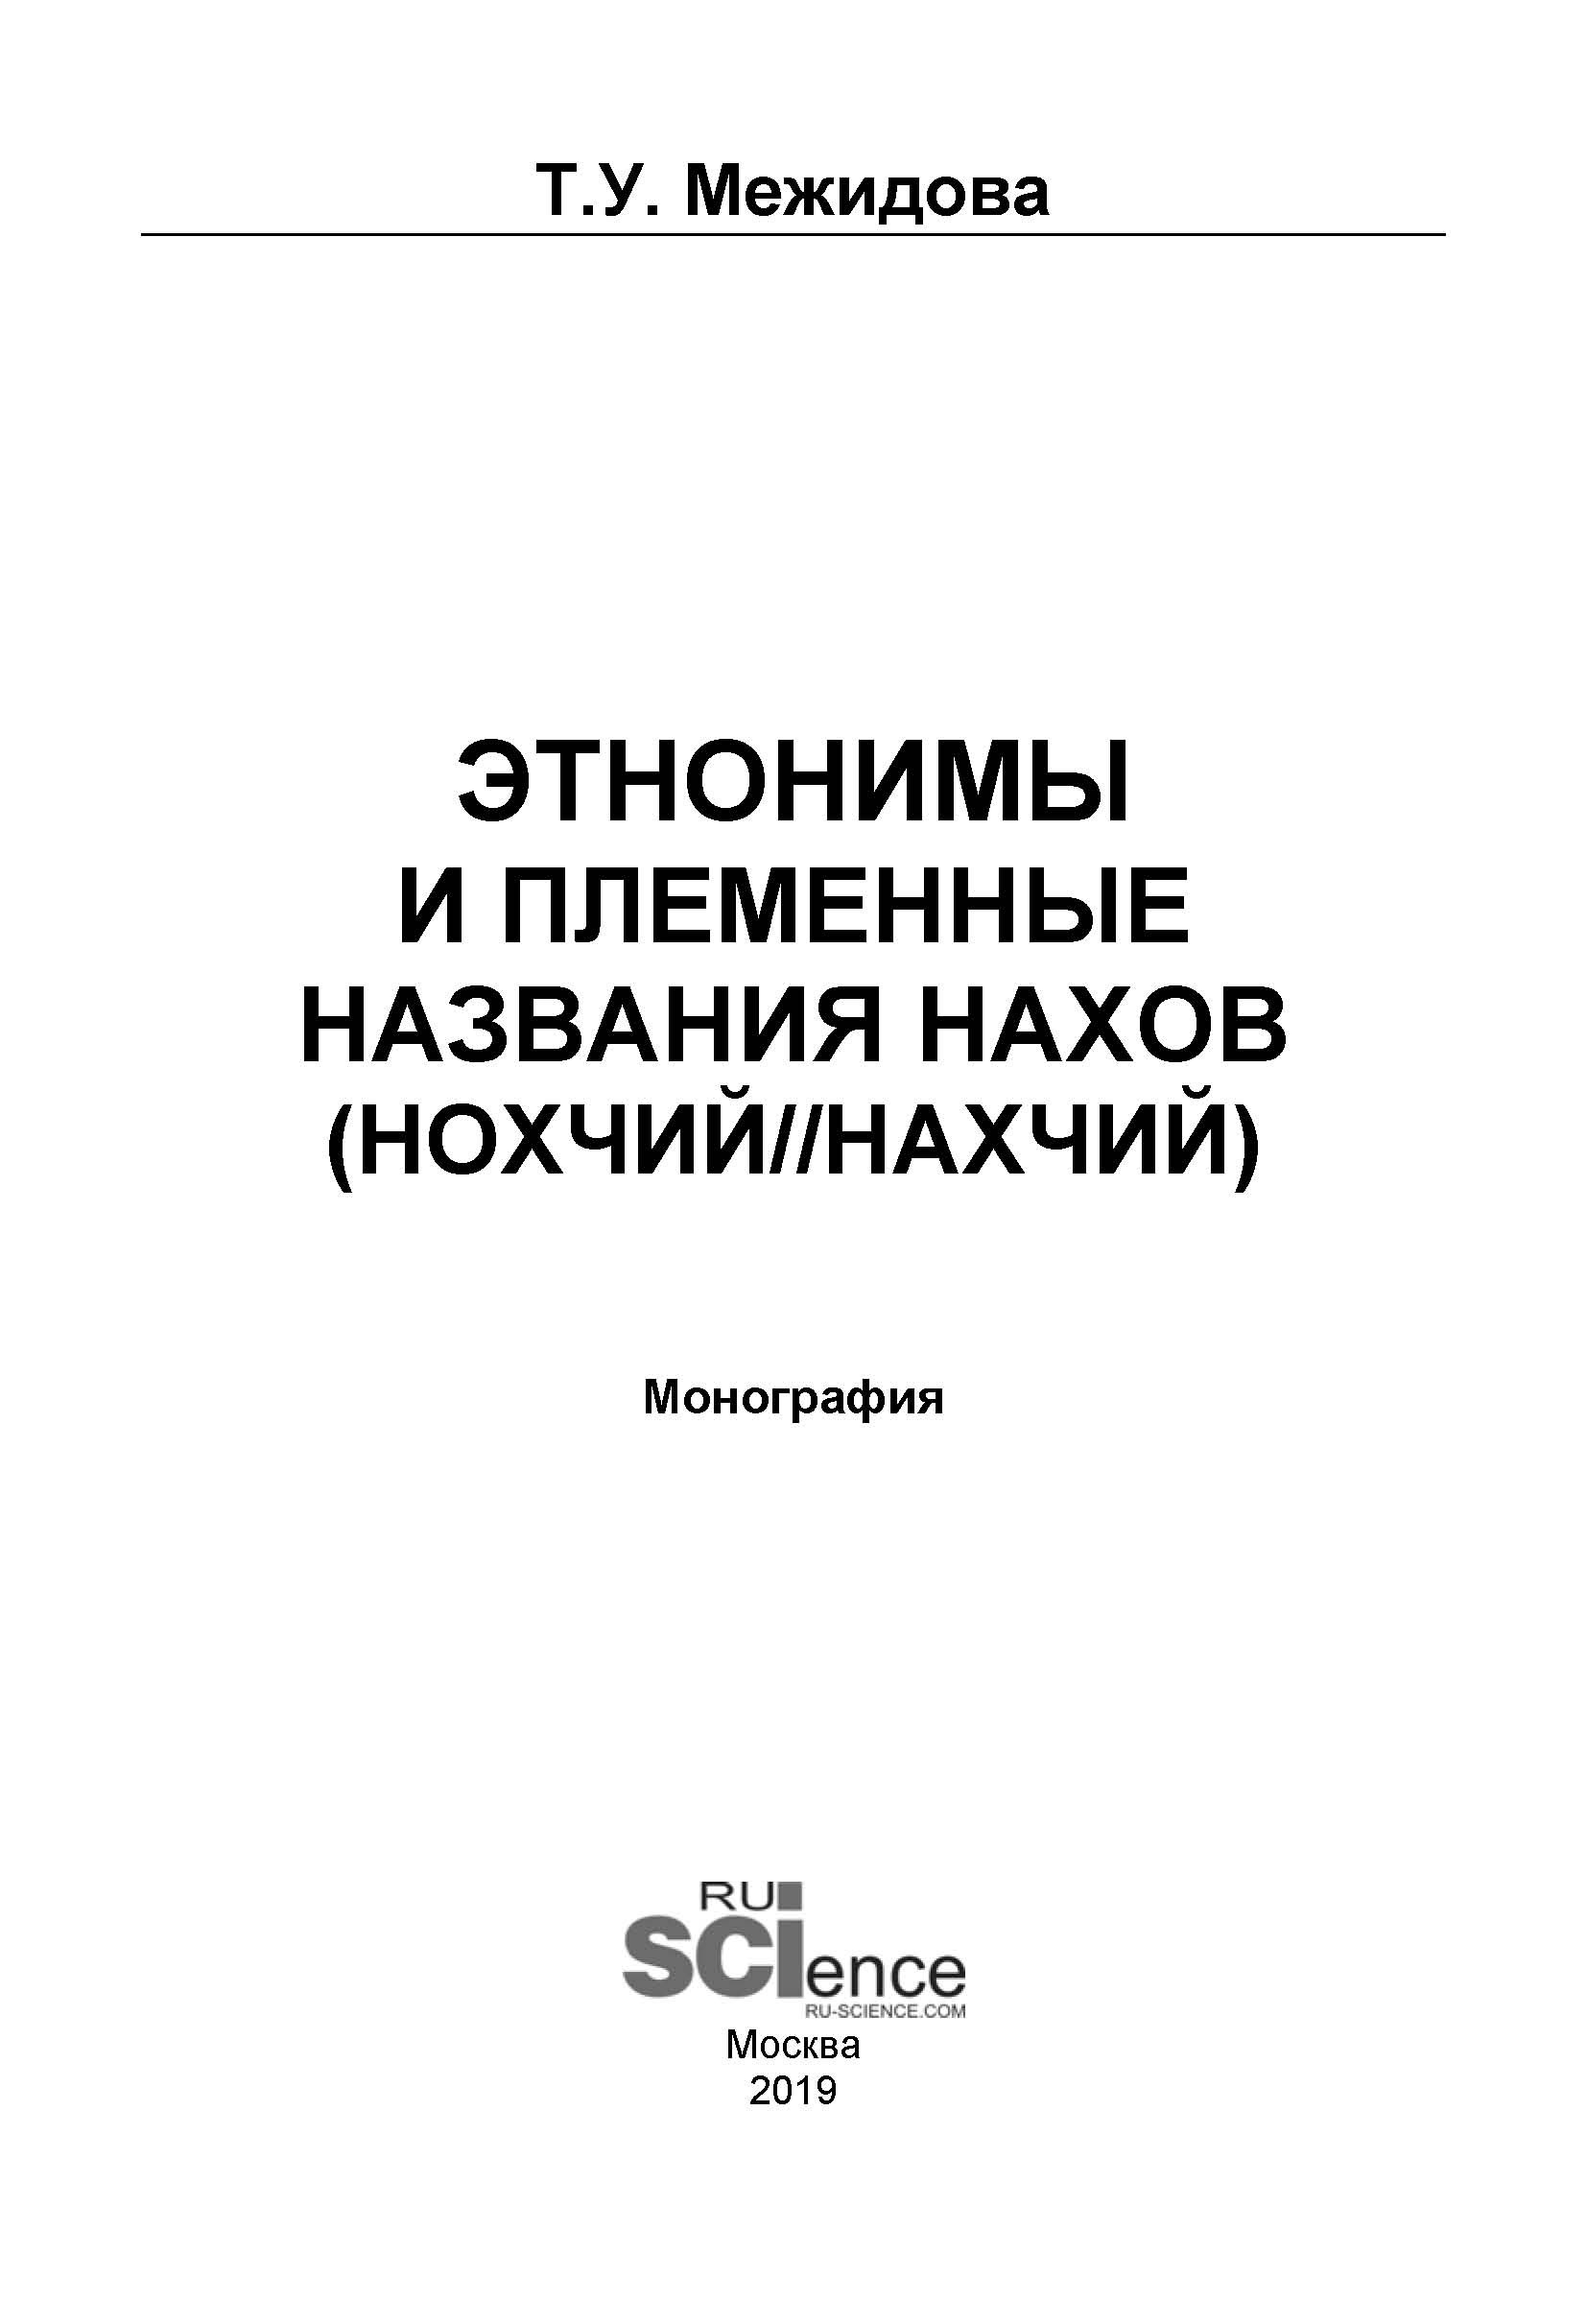 Этнонимы и племенные названия нахов (нохчий/нахчий)